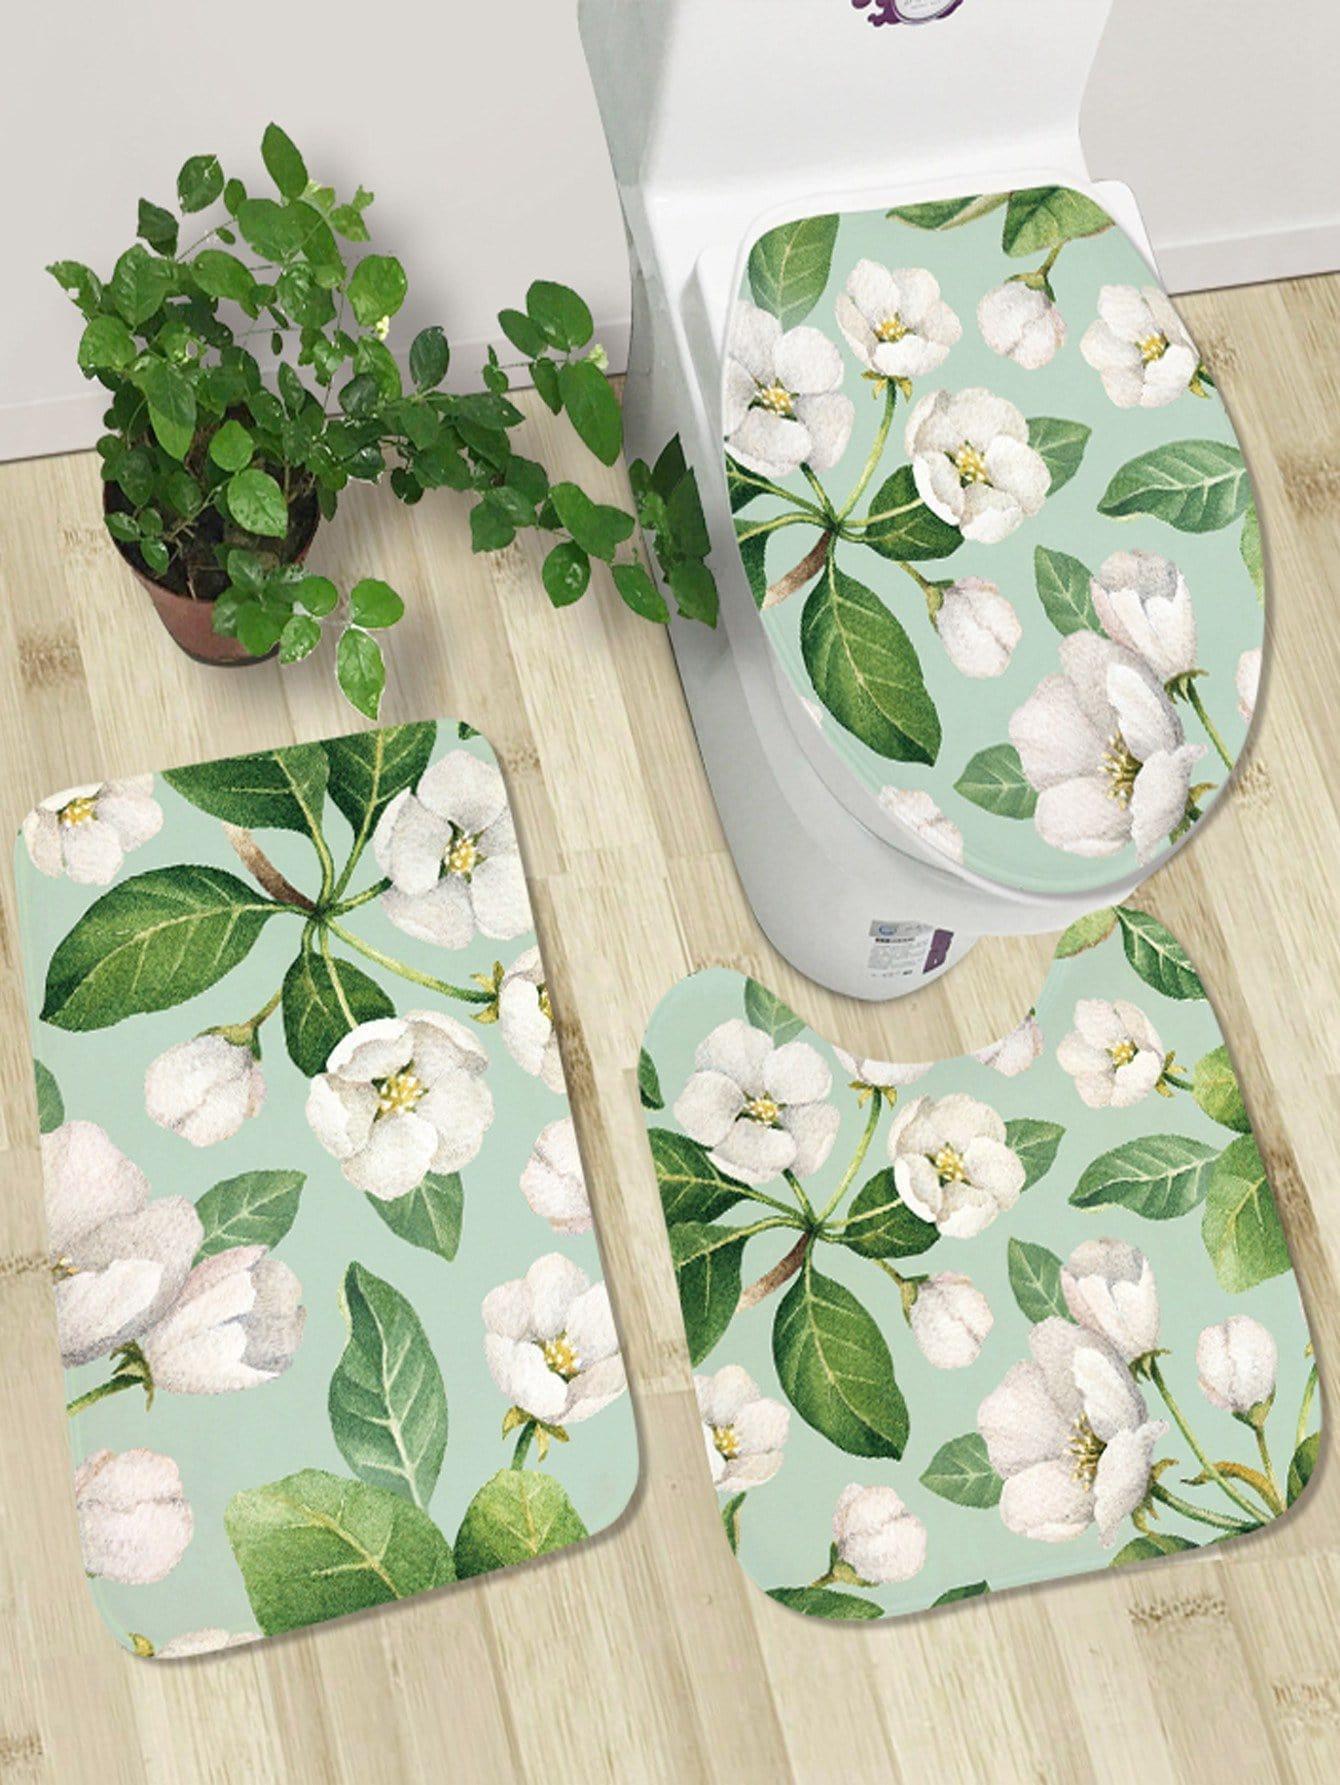 Купить 3 шт. комплект Коврик для ванной с цветочным принтом, null, SheIn